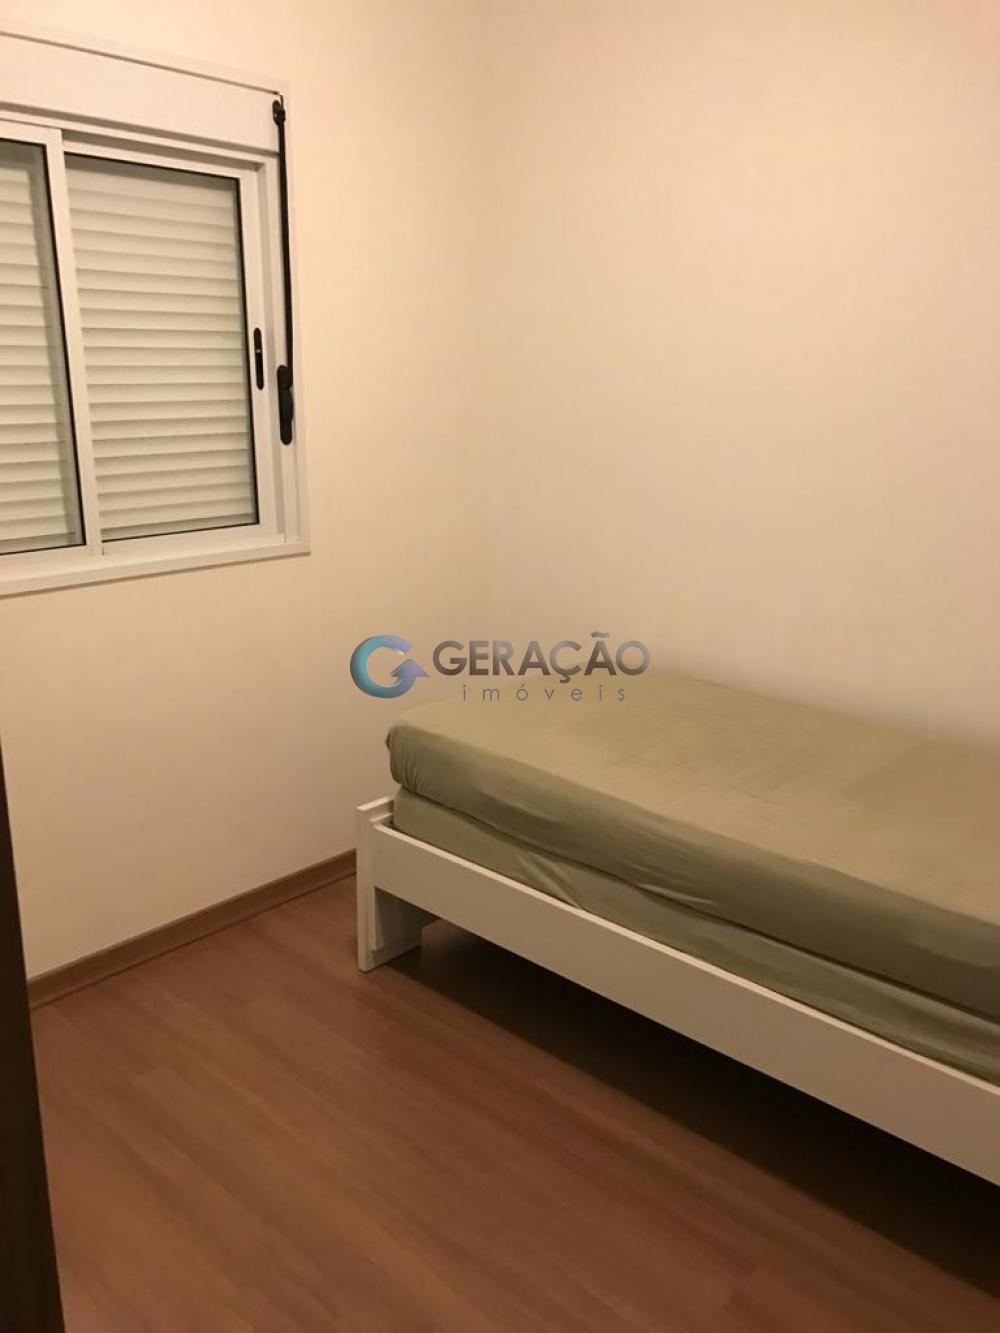 Comprar Apartamento / Padrão em São José dos Campos R$ 370.000,00 - Foto 8